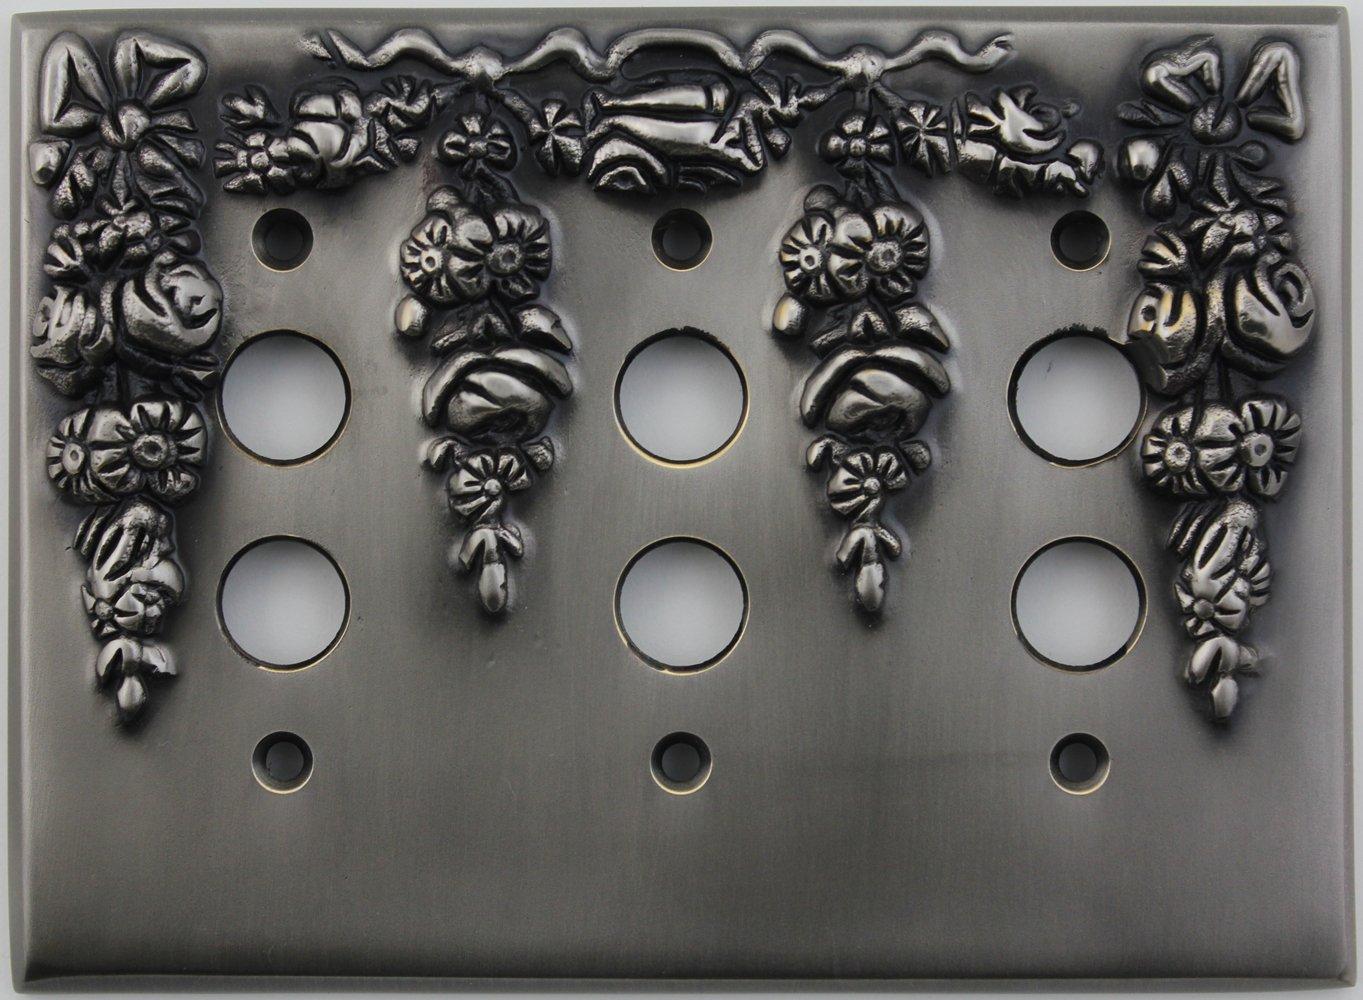 超人気 B00L7BD7VKクラシックアクセント装飾アンティークピューター3 Gangプッシュボタンライトスイッチ壁プレート B00L7BD7VK, 史上最も激安:b2a30450 --- svecha37.ru